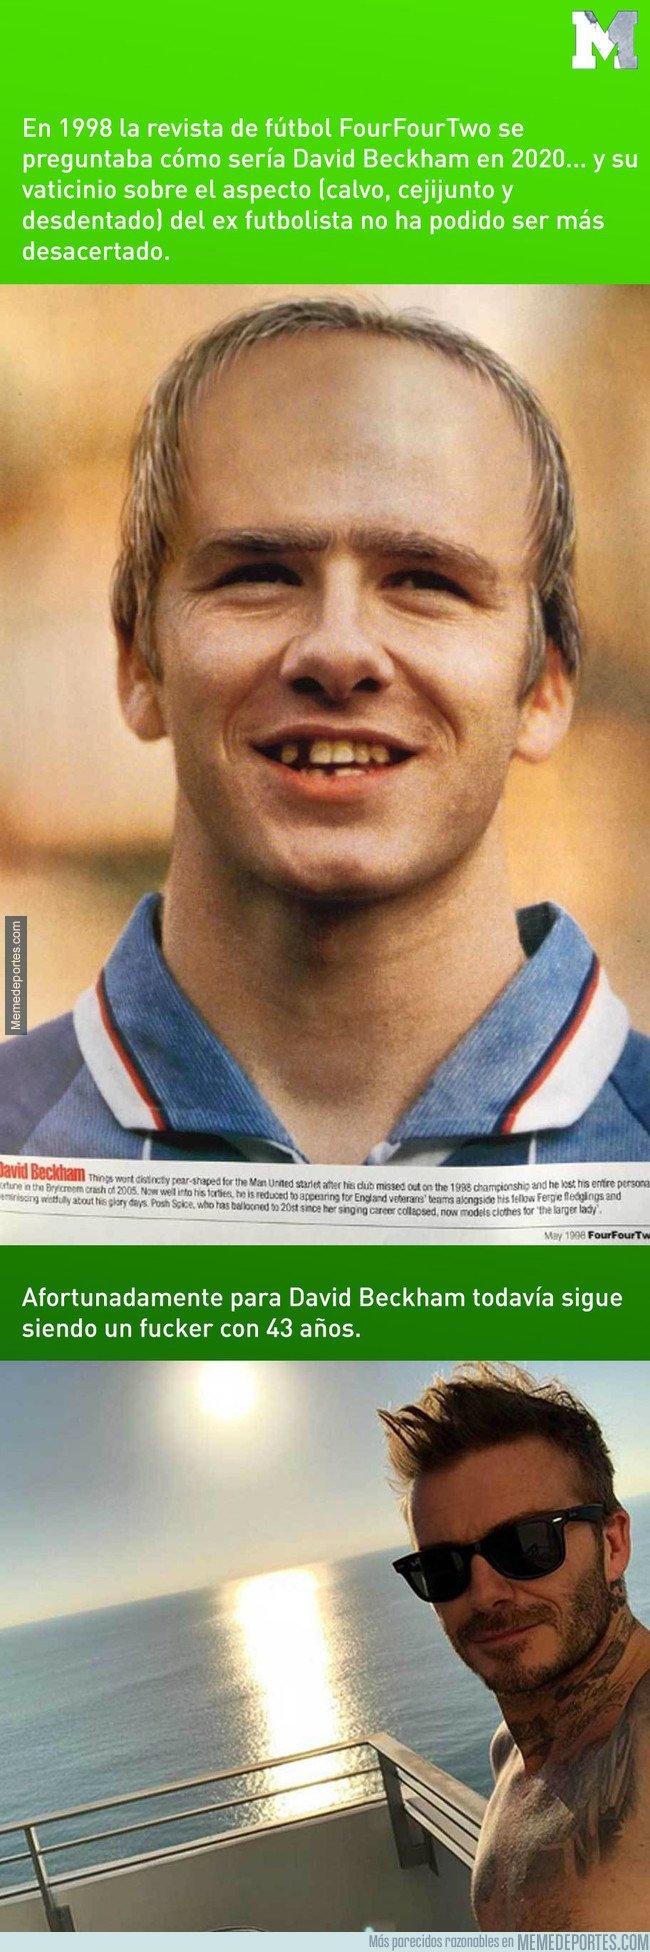 1072271 - En 1998 la revista Four Four Two predijo que Beckham luciría así en 2020. Y la realidad...